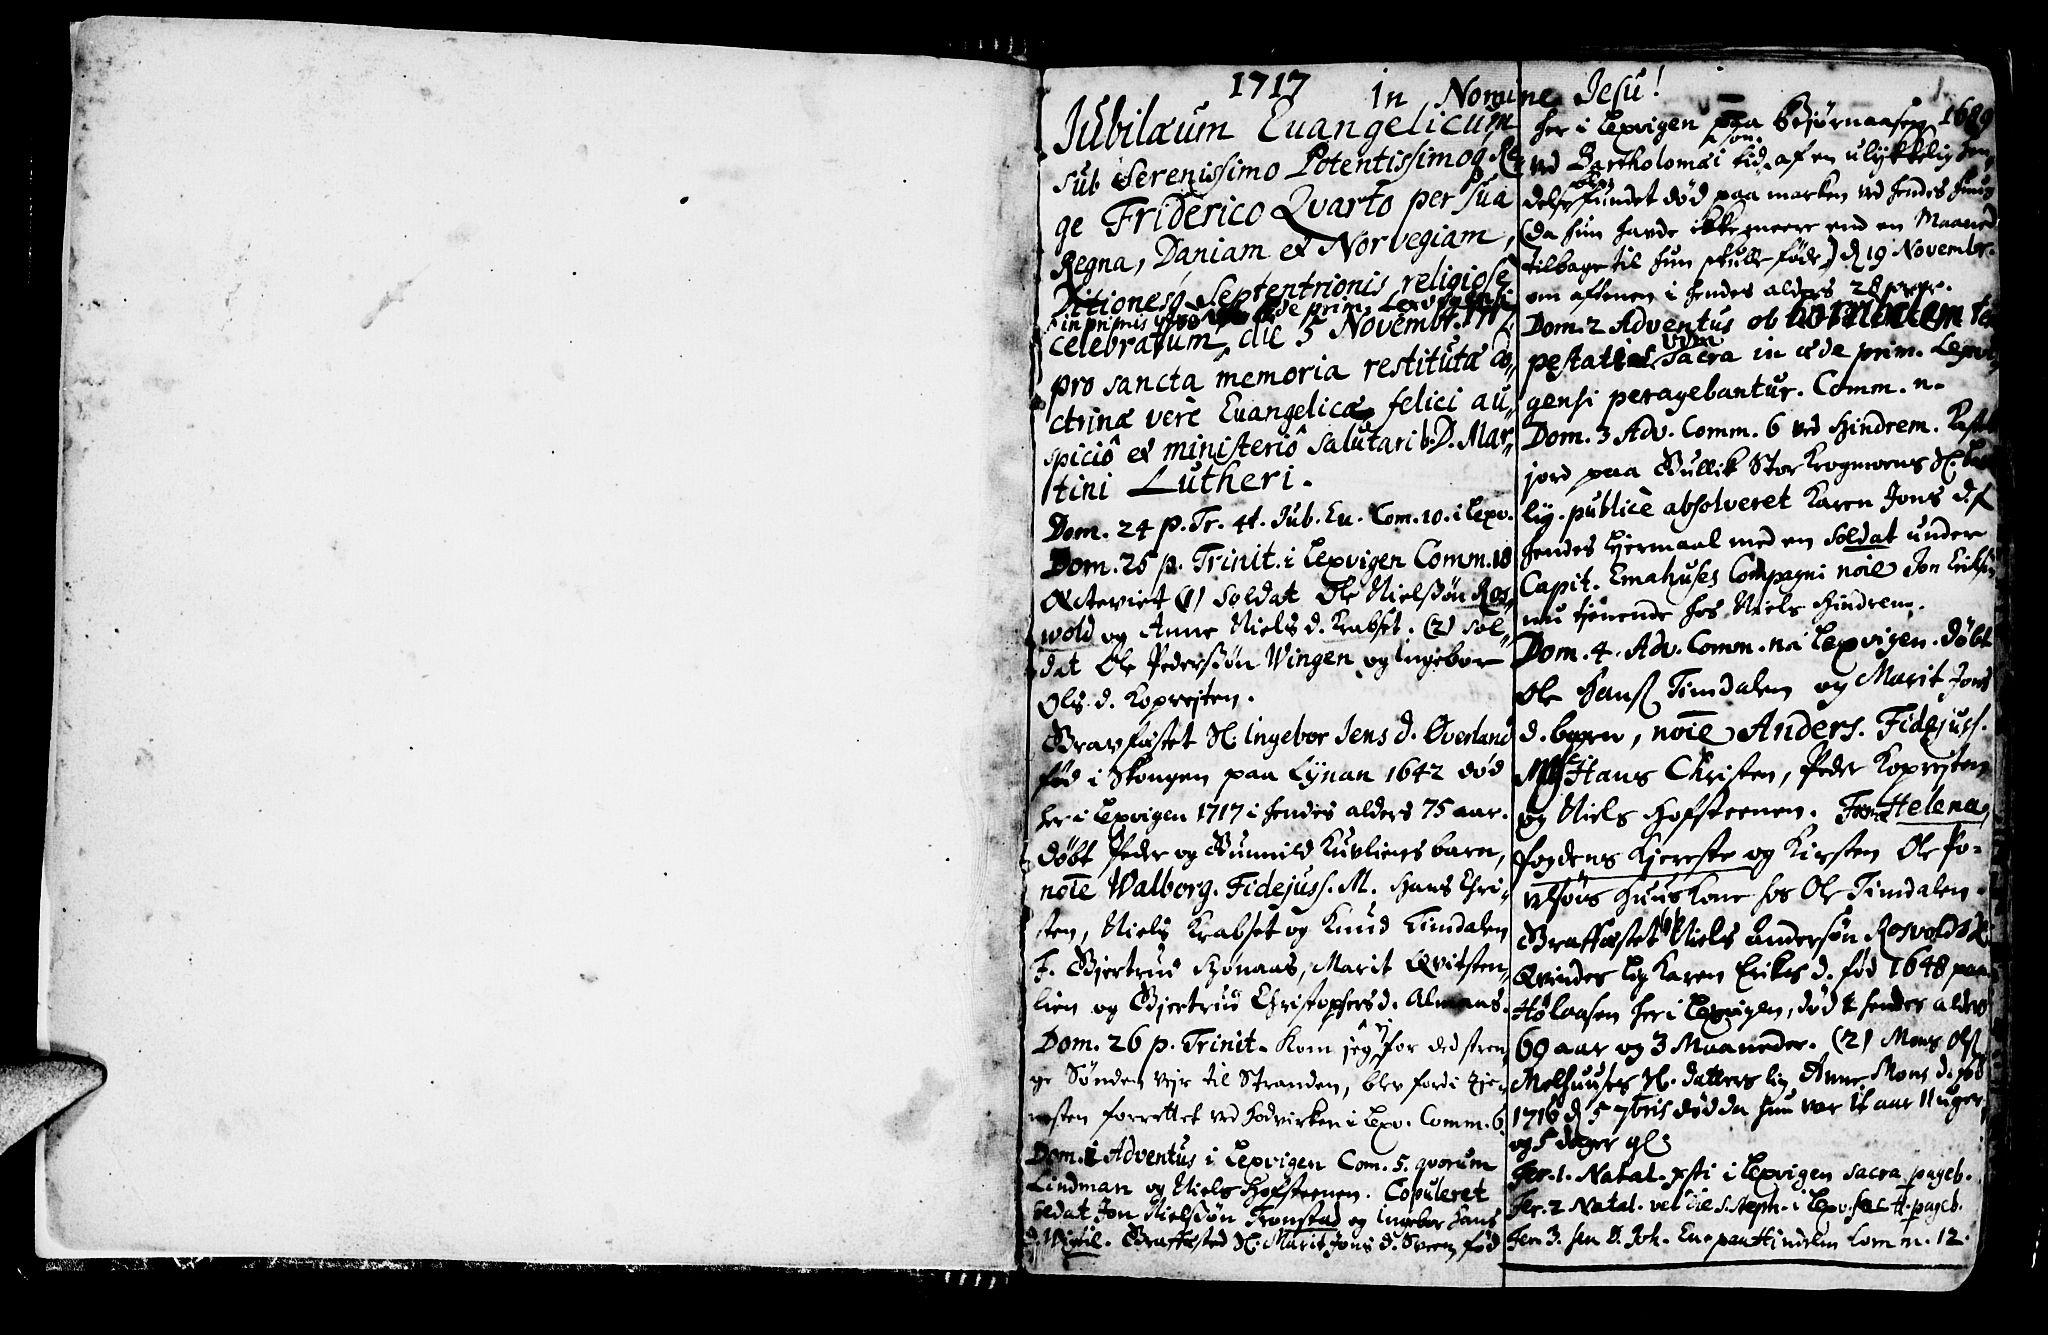 SAT, Ministerialprotokoller, klokkerbøker og fødselsregistre - Nord-Trøndelag, 701/L0001: Parish register (official) no. 701A01, 1717-1731, p. 1